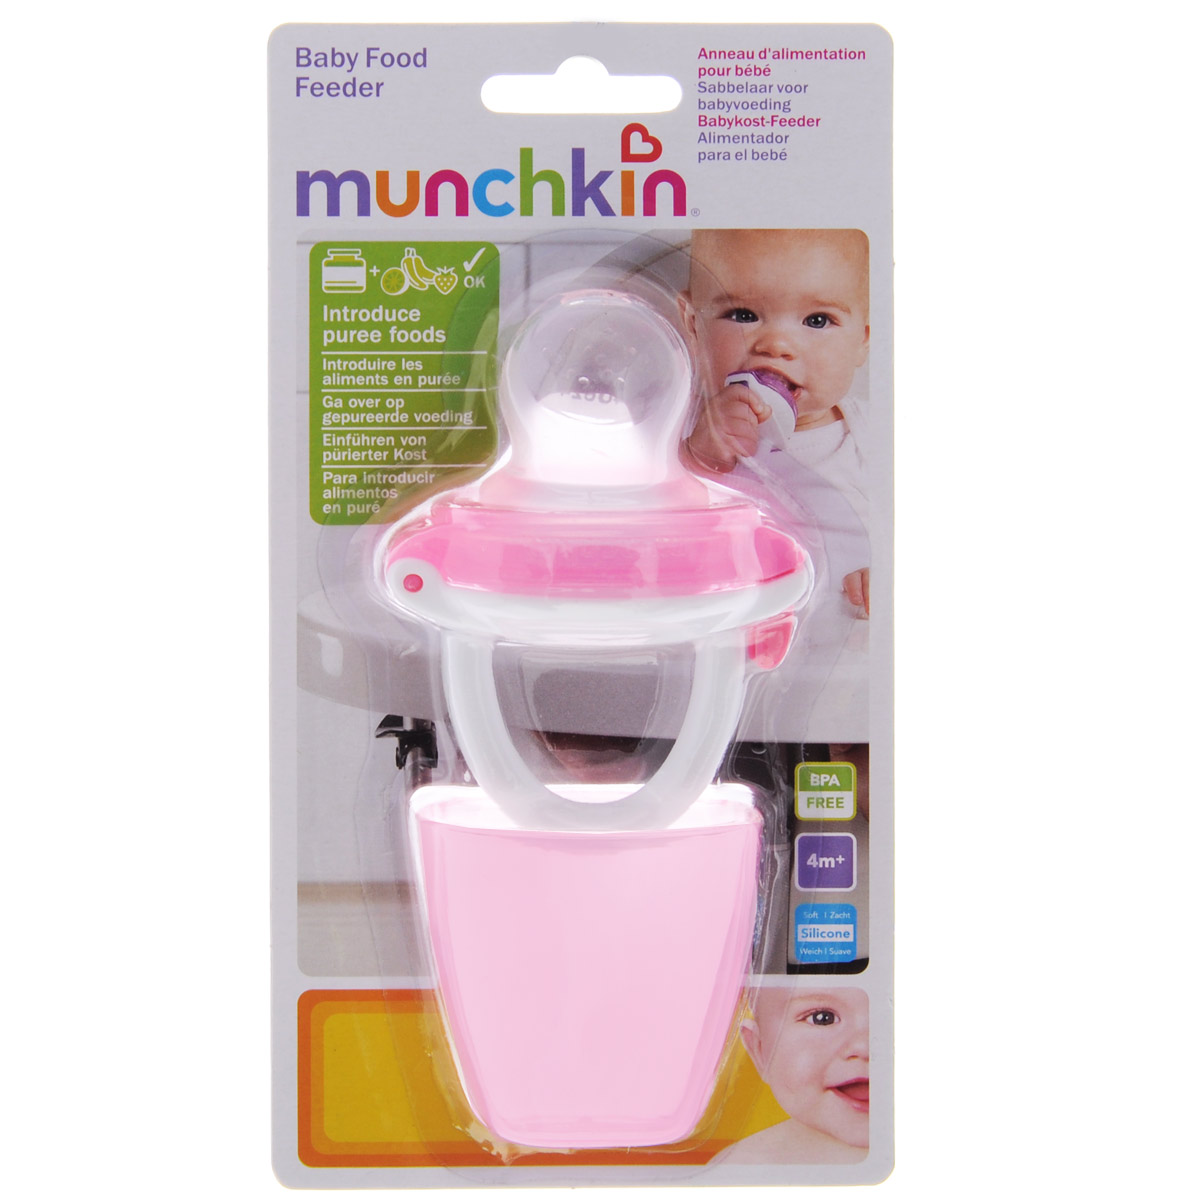 """Ниблер для детского питания """"Munchkin"""" создан специально для безопасного кормления фруктами и овощами, соответствующими возрасту ребенка. Ваш малыш будет наслаждаться натуральным вкусом, структурой и высоким качеством свежих продуктов безопасно, без риска удушья - а вы получите душевное спокойствие! Кроме того, ниблер оснащен надежной системой запирания. Прост в использовании: просто откройте верхнюю часть емкости и поместите продукты в соску. В комплекте крышка-футляр, чтобы вы могли использовать ниблер на прогулке и в других ситуациях, когда вы находитесь не дома. Подходит для кормления в период прорезывании зубов и очень удобен для малыша и его маленьких ручек."""